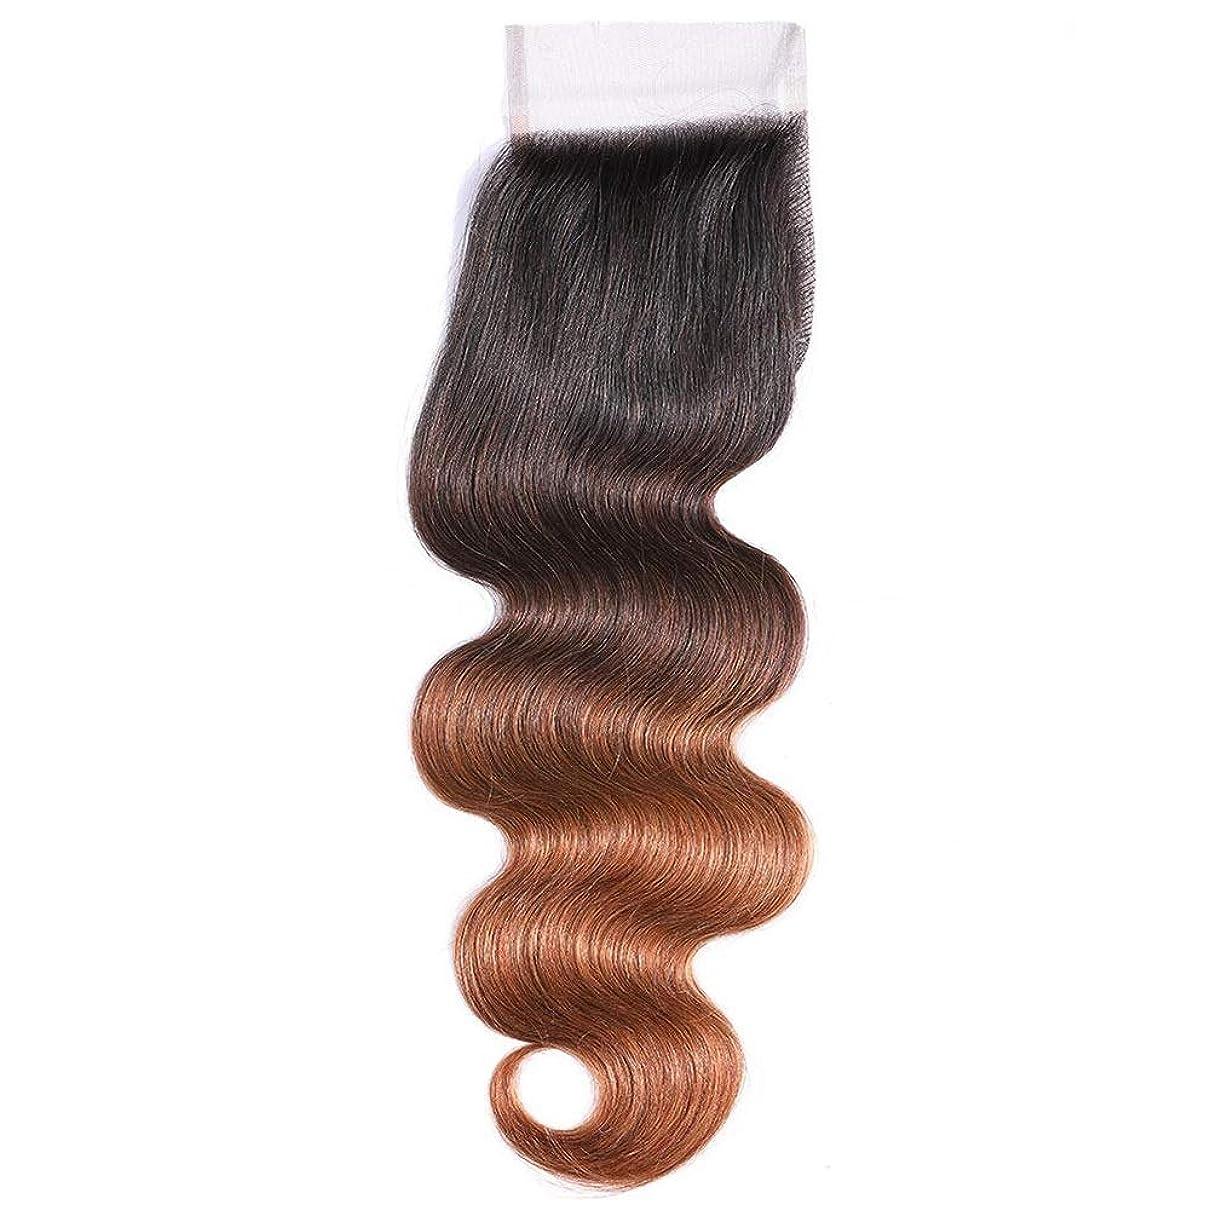 することになっているメイト揺れるかつら ブラジルのトップレース前頭閉鎖ボディウェーブ人間の髪の毛の閉鎖4 * 4インチ - ブラウン3トーン色長い巻き毛のかつらブラウンかつらへの1B / 4/30ブラック (色 : ブラウン, サイズ : 12 inch)